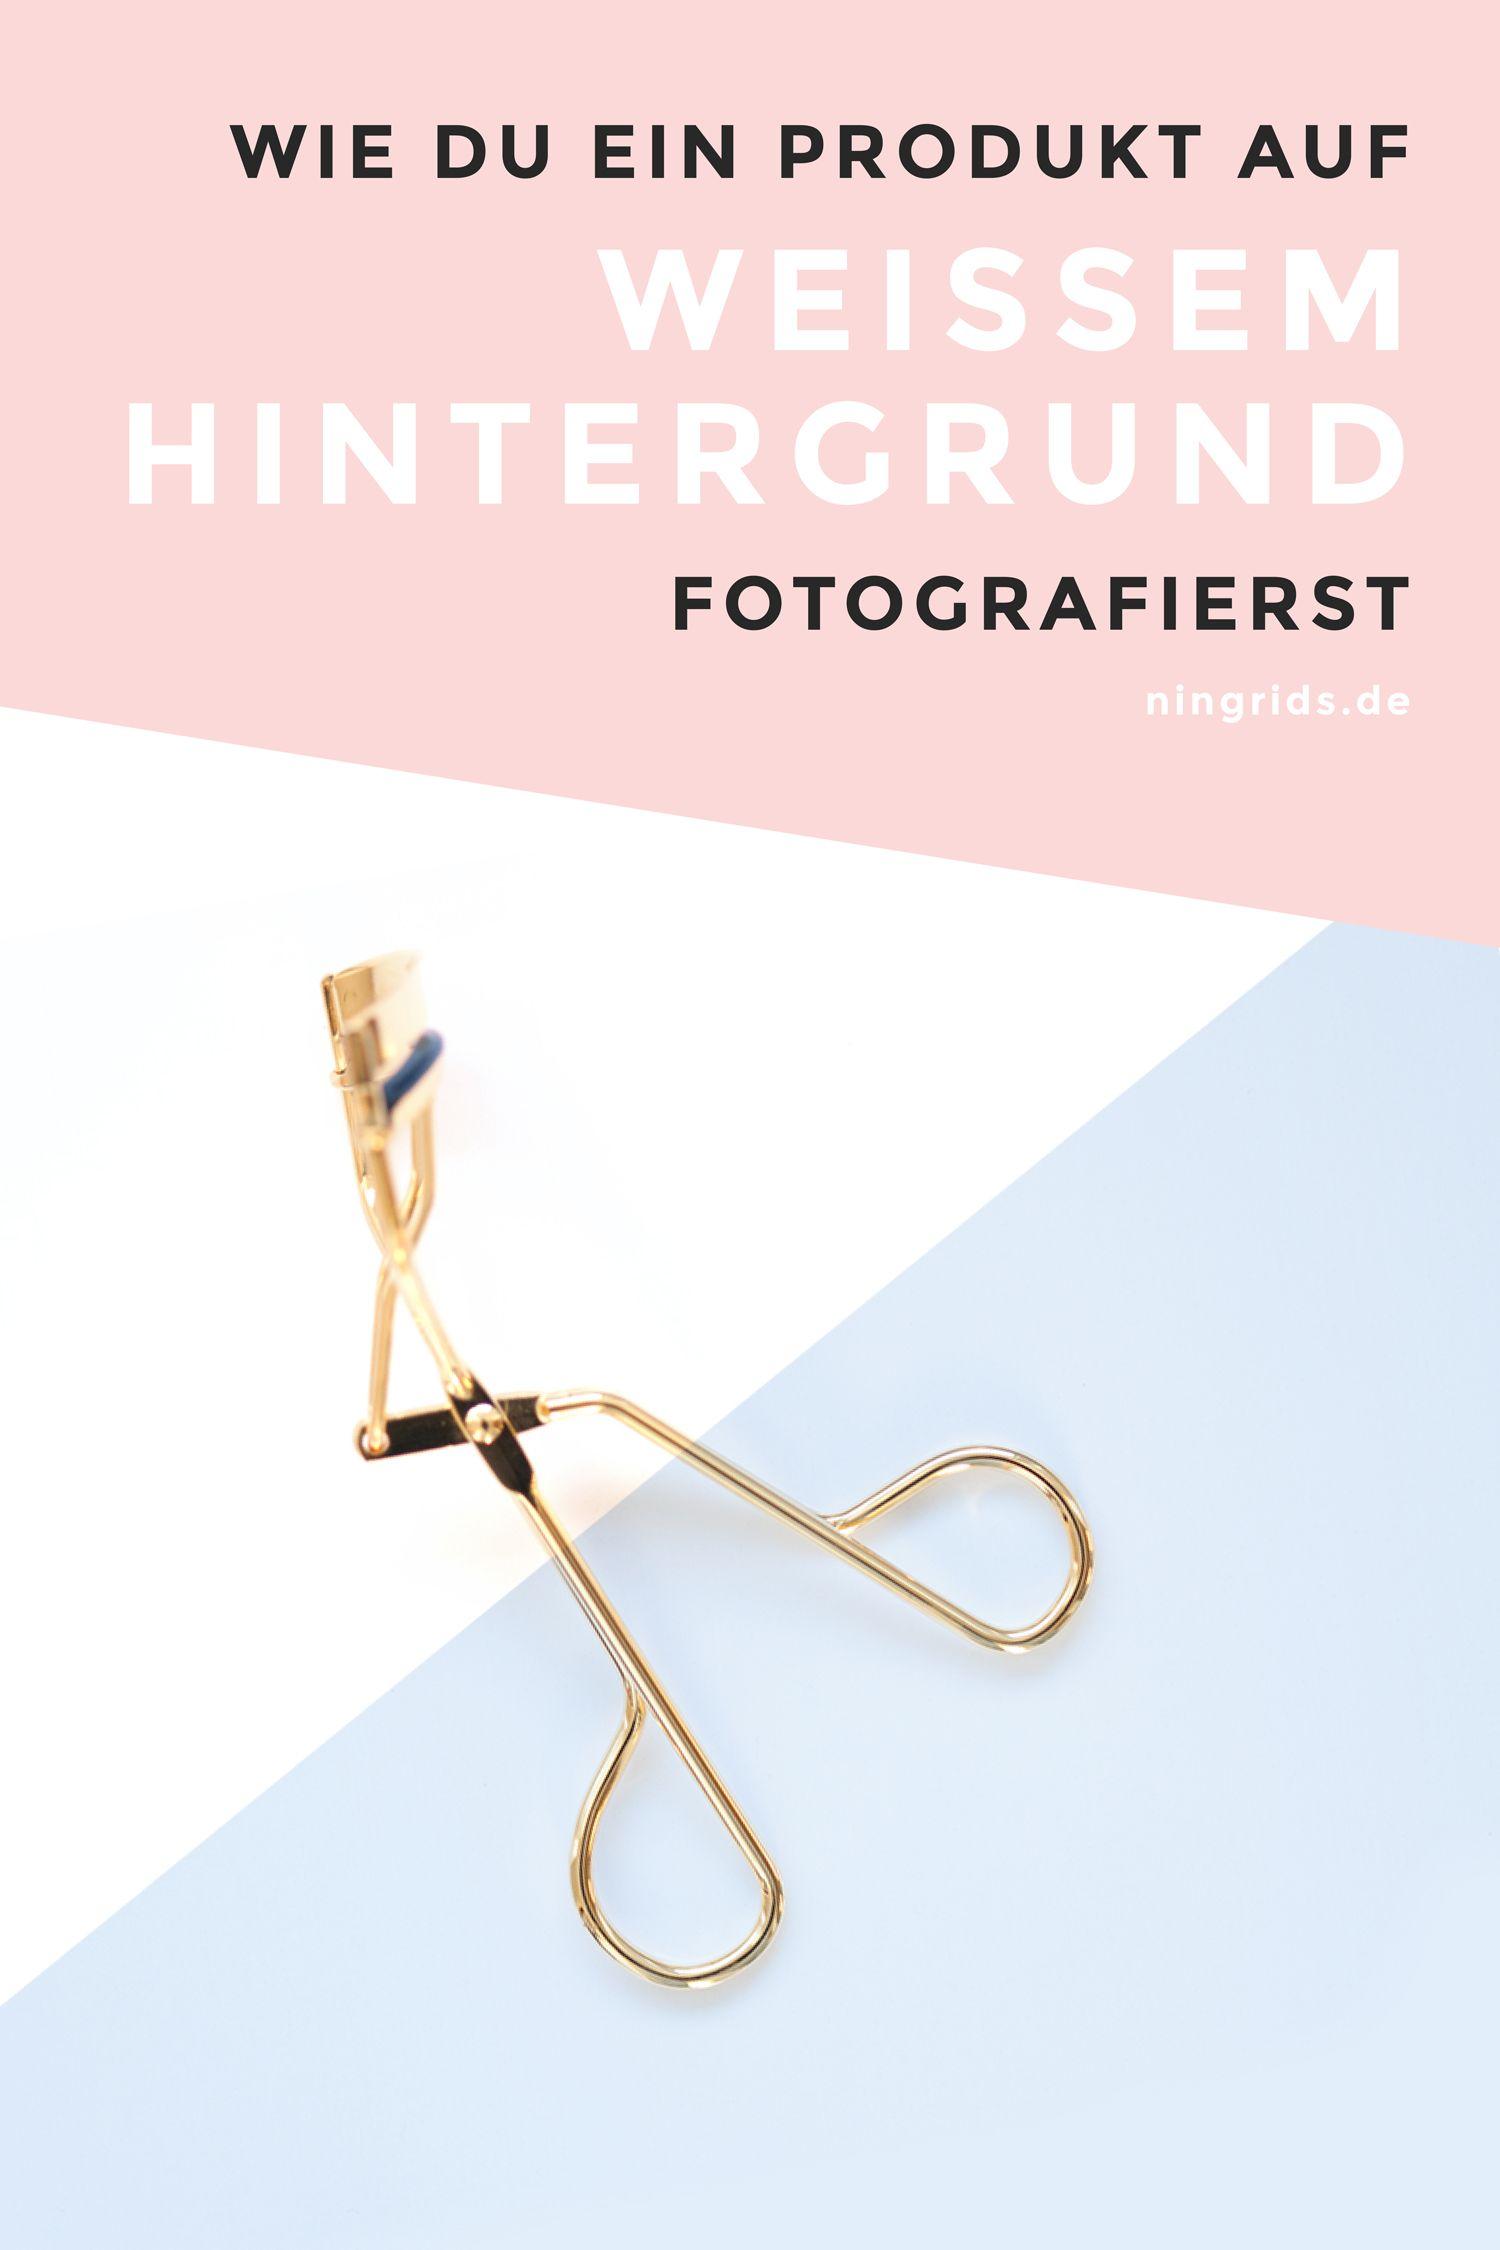 In diesem Foto Tutorial erfährst du, wie du ein Produkt auf einem weißen Hintergrund fotografierst.